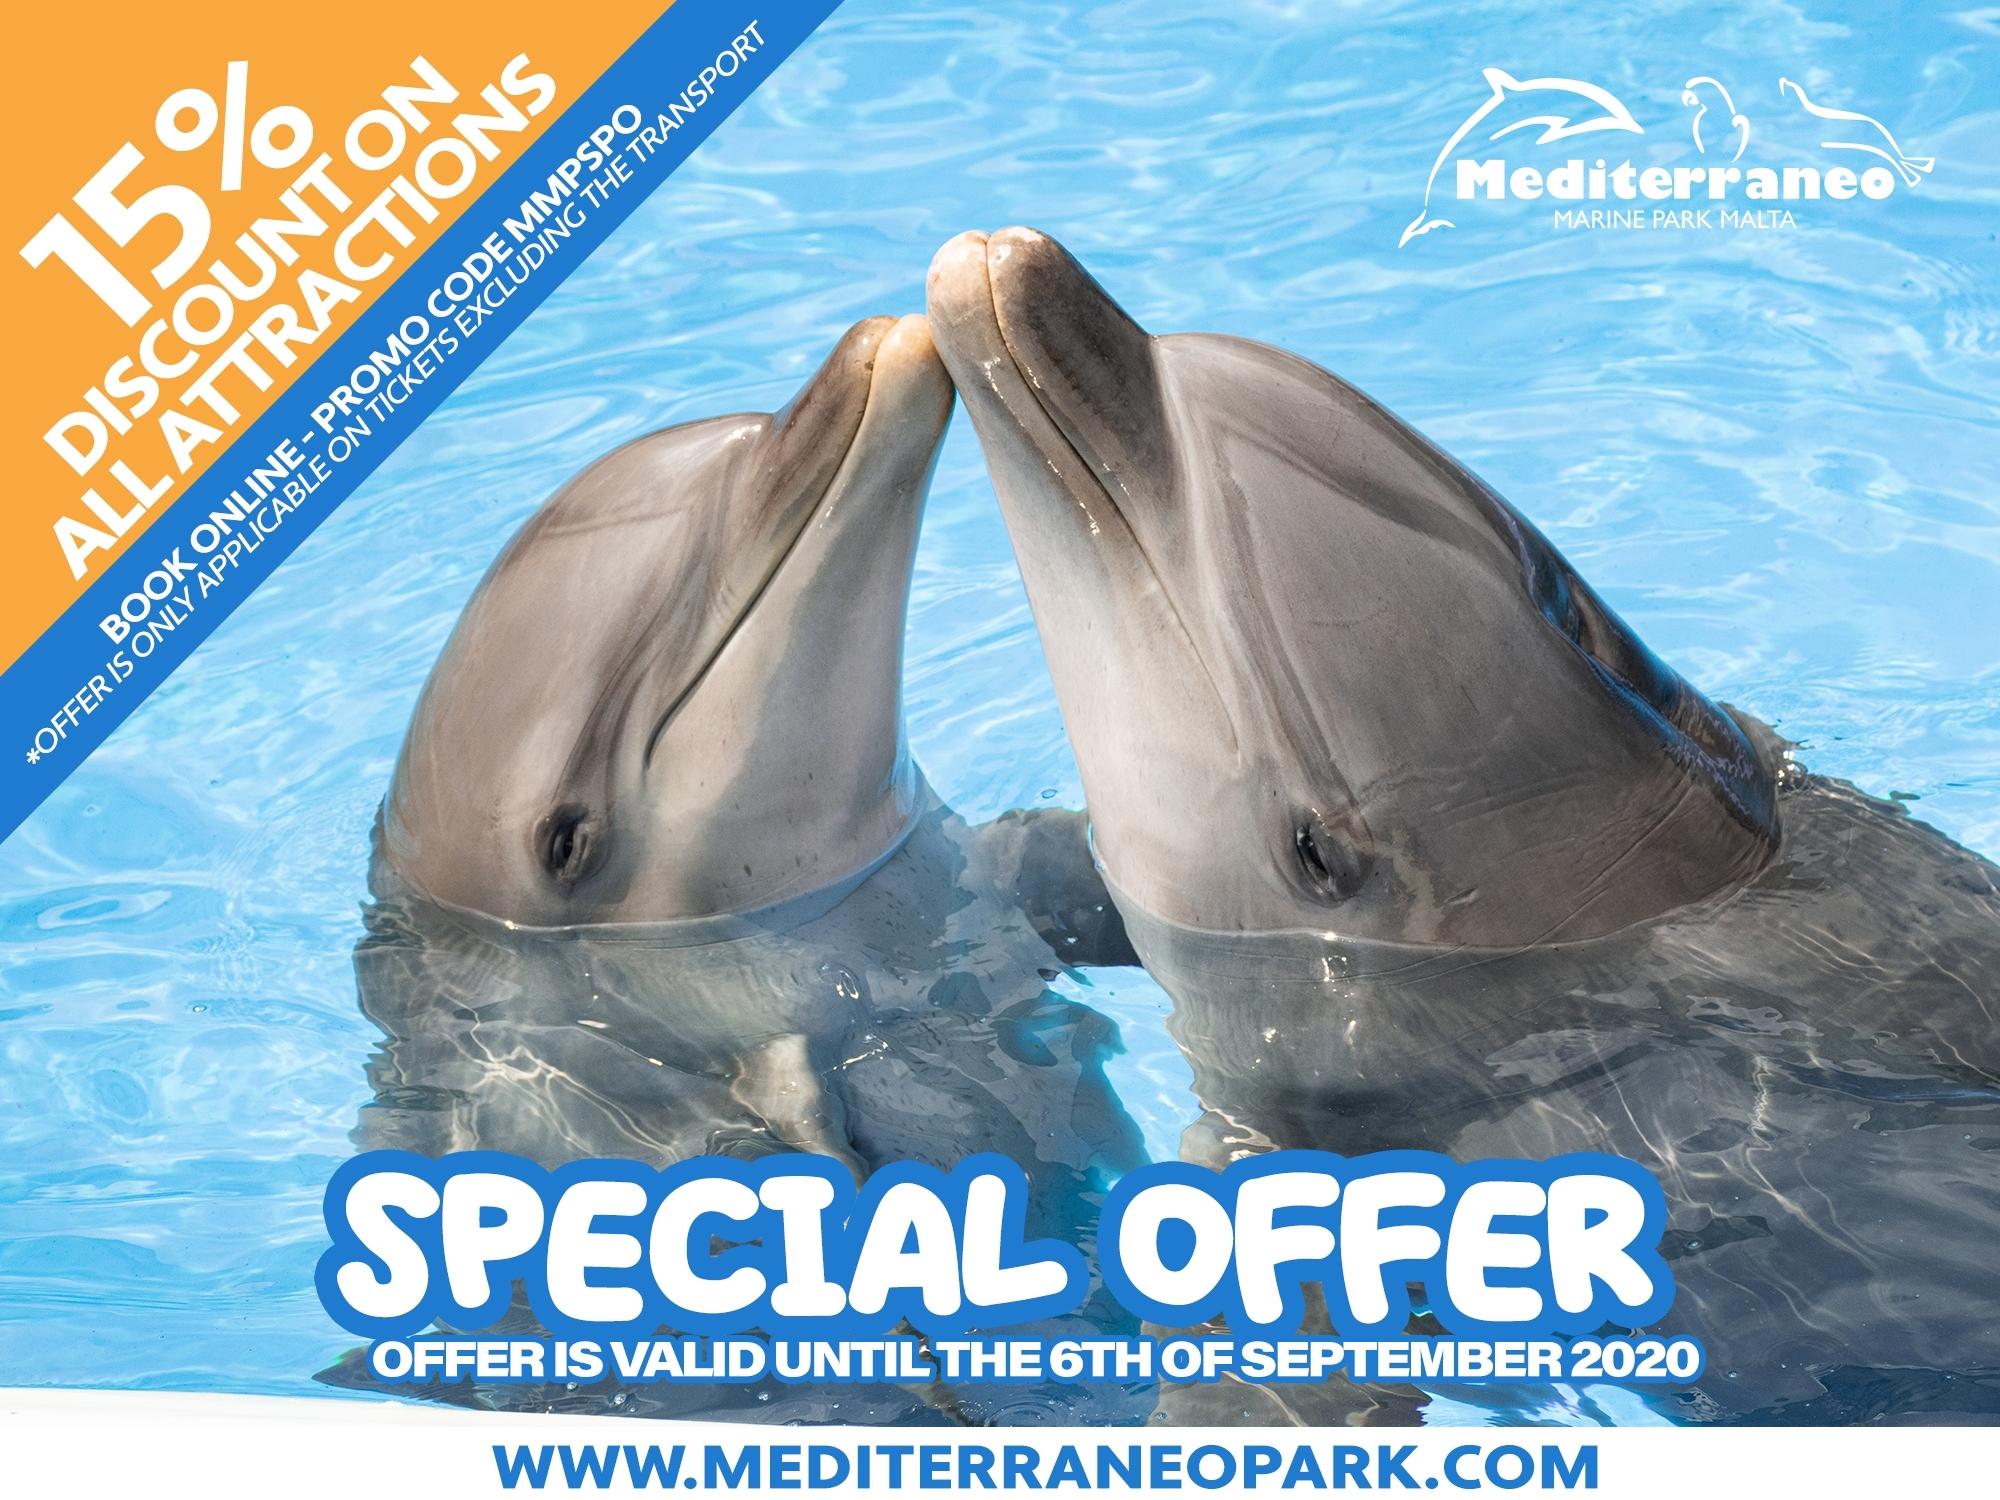 Mediterraneo Marine Park Special Offer